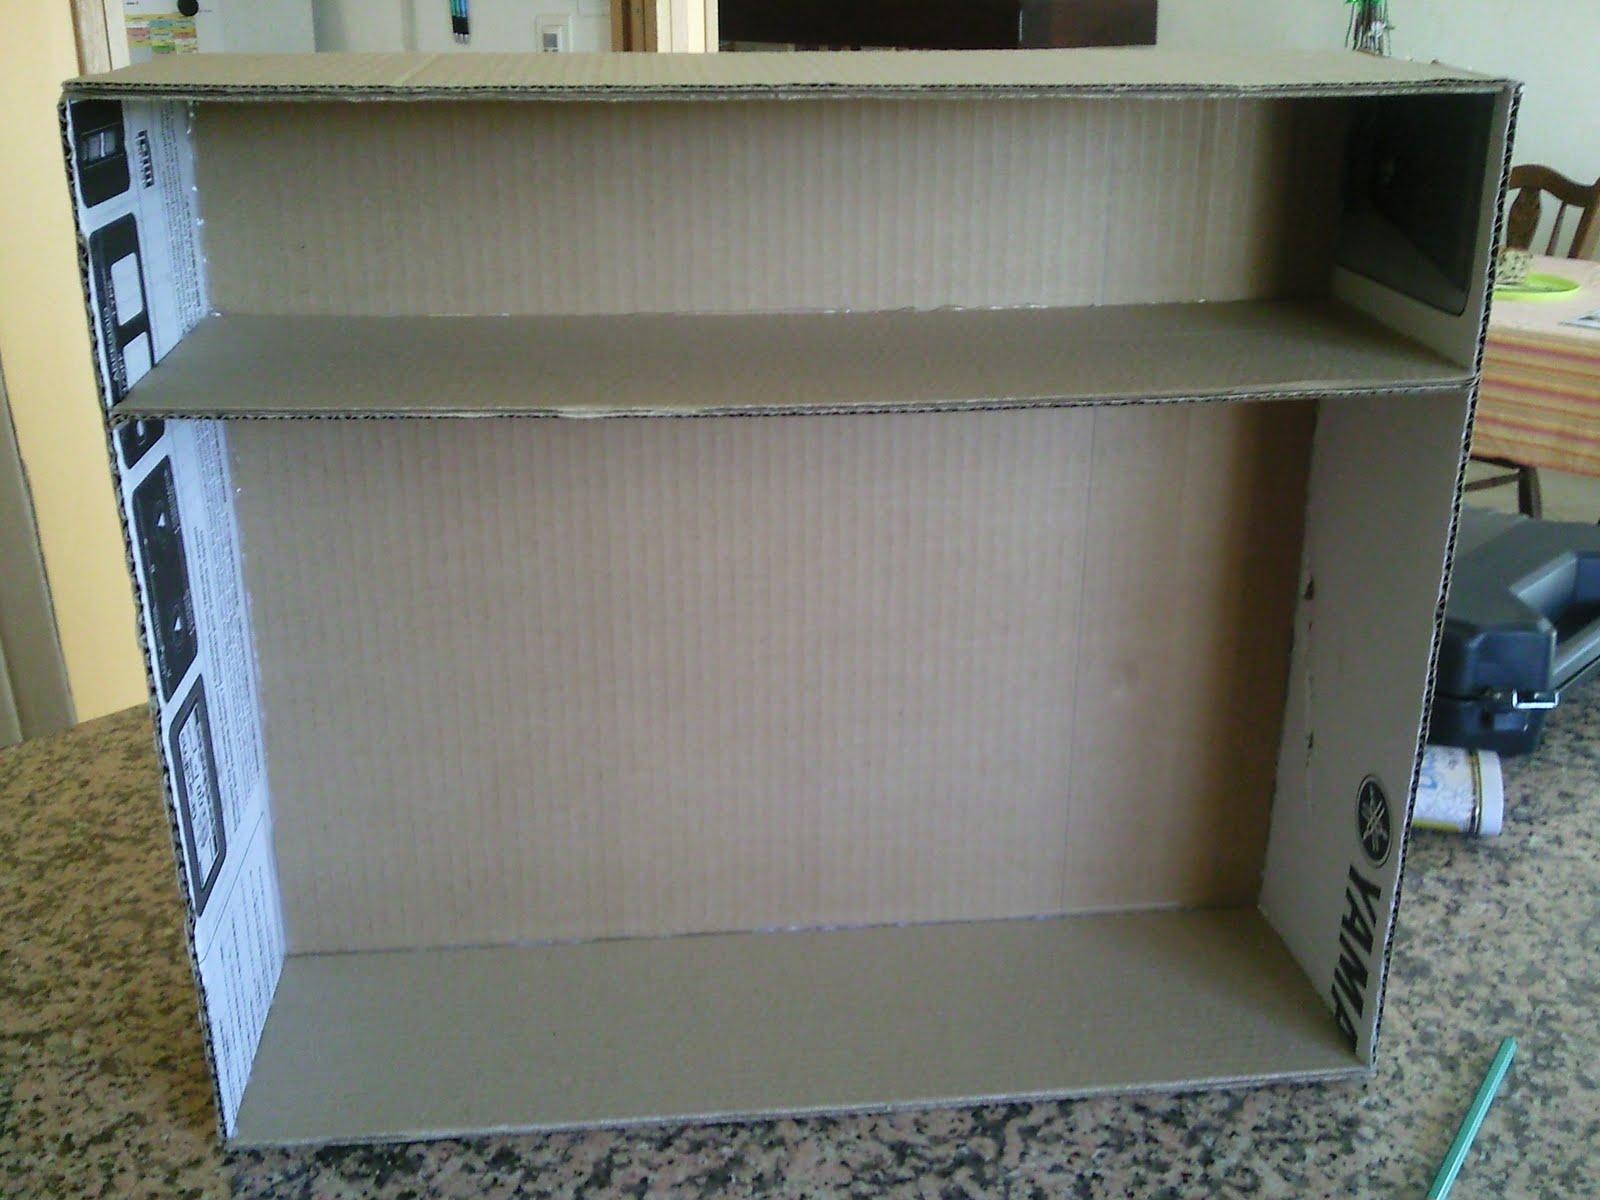 le gronopost etag re pour capsules speciale t. Black Bedroom Furniture Sets. Home Design Ideas